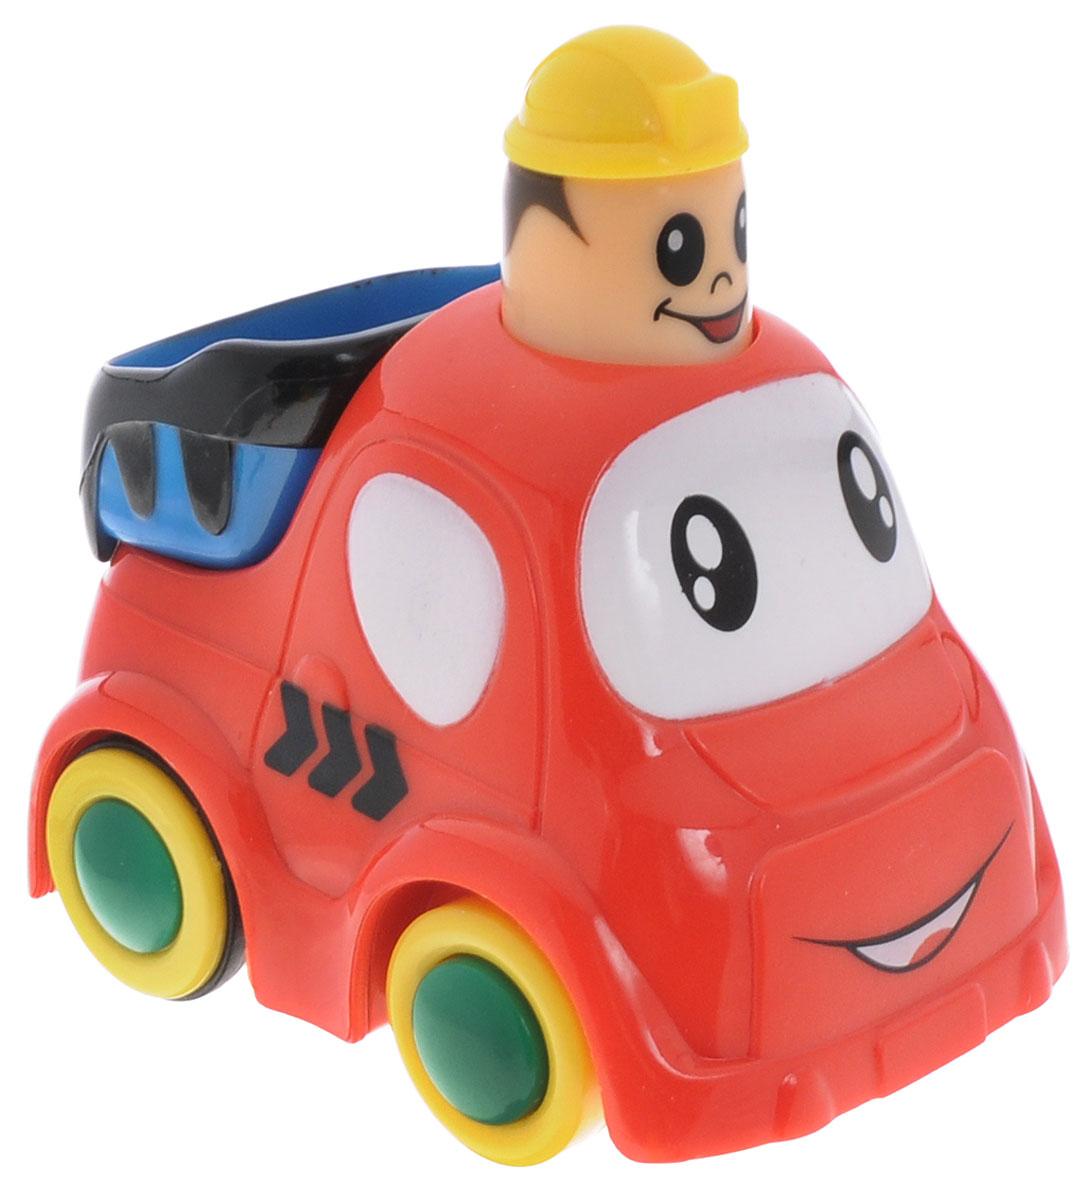 Simba Мини-машинка цвет красный4019516Мини-машинка Simba привлечет внимание вашего ребенка и надолго останется его любимой игрушкой. Плавные формы без острых углов, яркие цвета - все это выгодно выделяет эту игрушку из ряда подобных. Игрушка оснащена инерционным ходом. Необходимо нажать на голову фигурки и отпустить - и машинка быстро поедет вперед. Машинка развивает концентрацию внимания, координацию движений, мелкую моторику рук, цветовое восприятие и воображение. Малыш будет часами играть с этой игрушкой, придумывая разные истории.